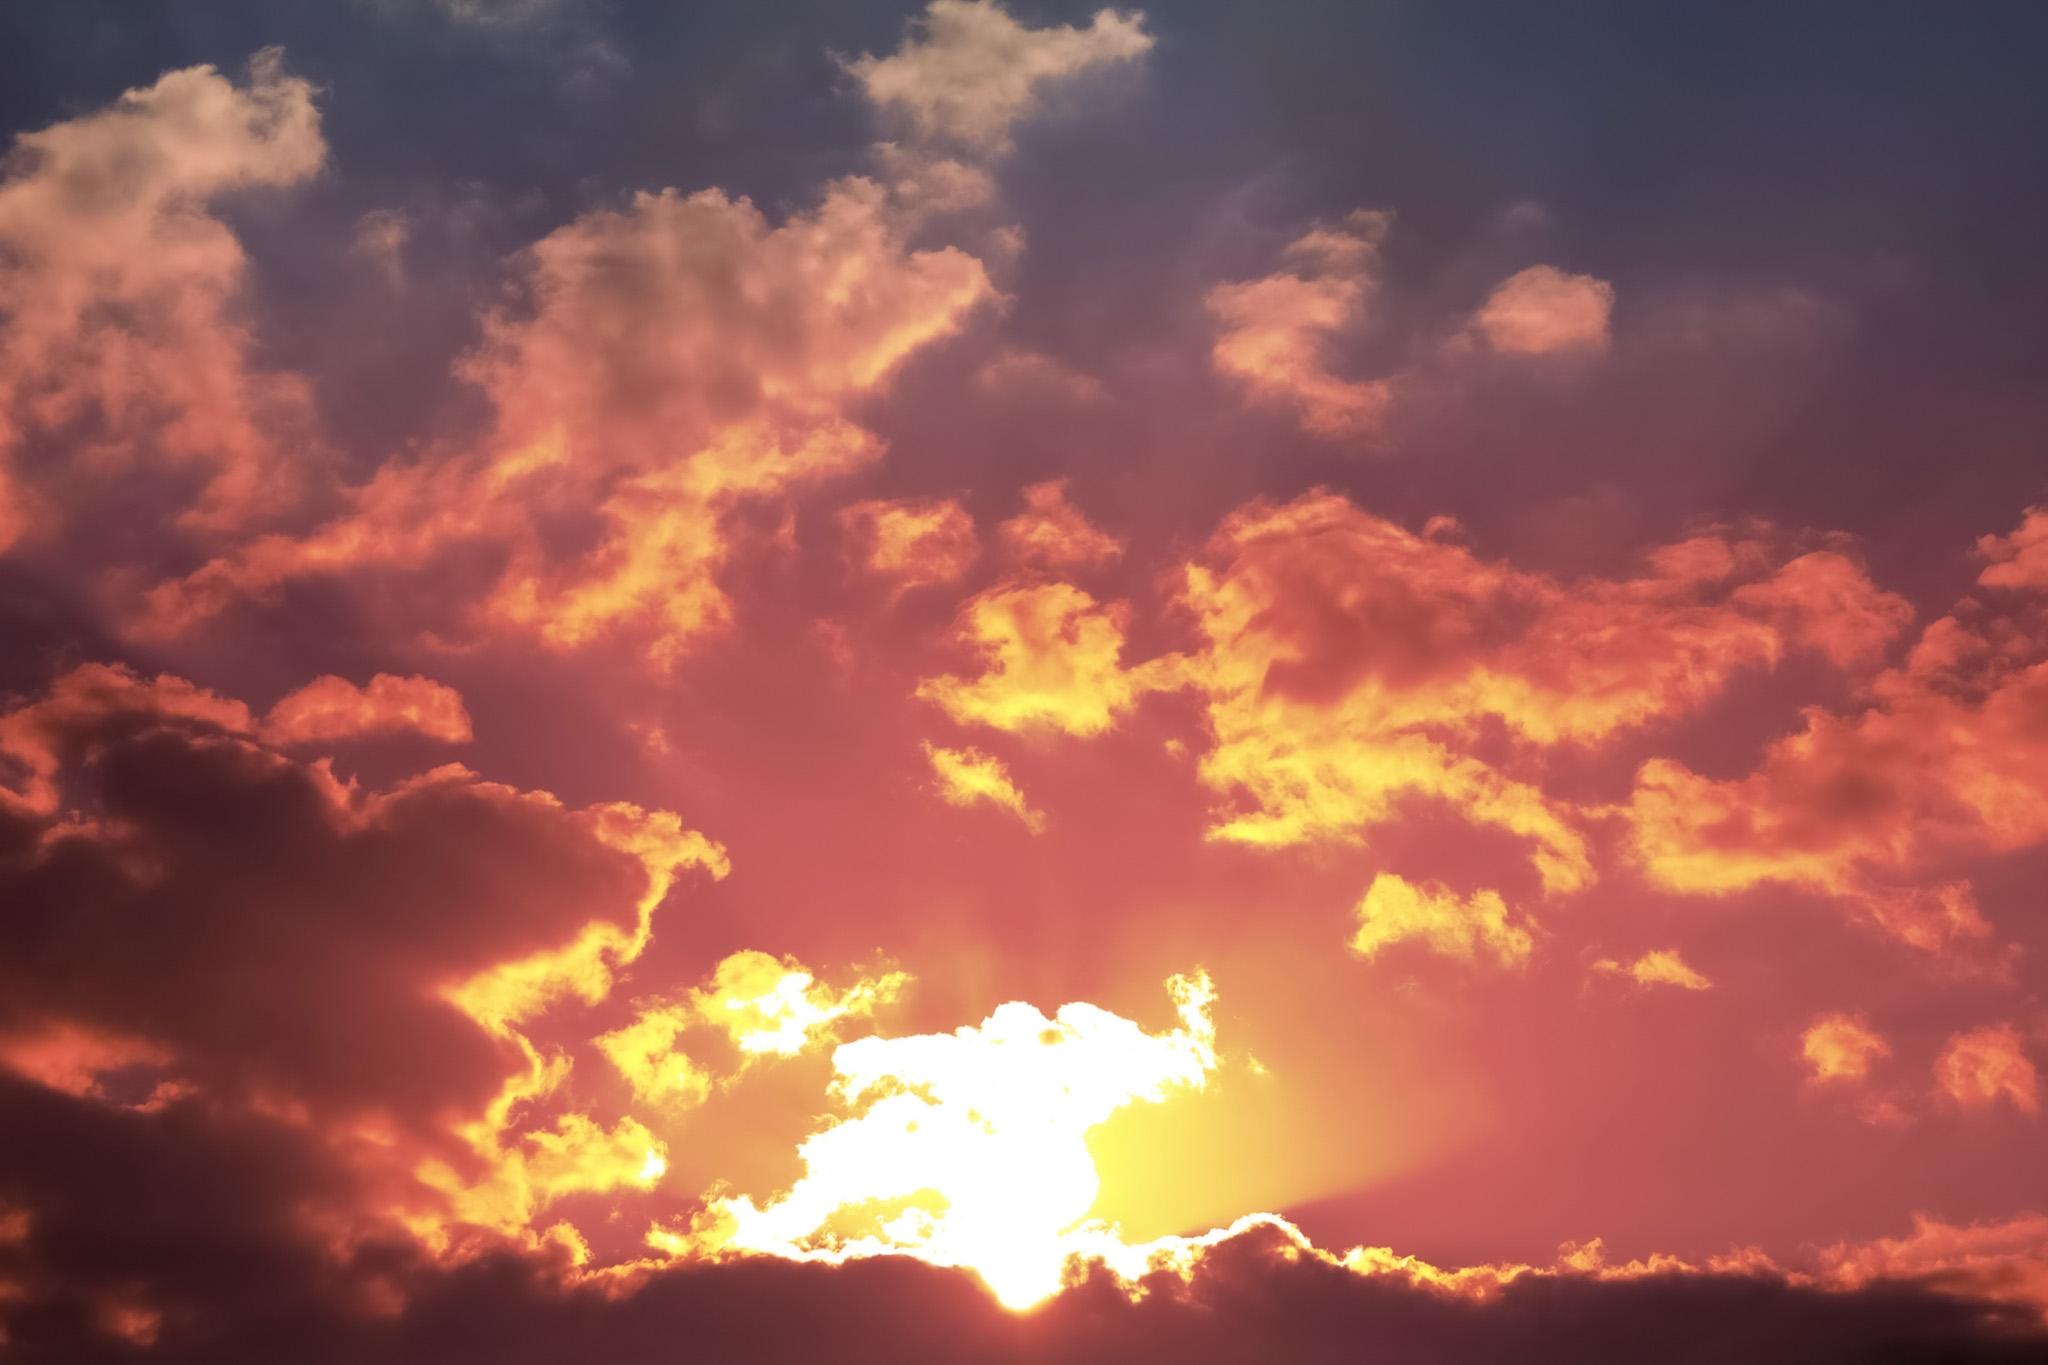 「夕陽を浴びて輝く瑞雲の夕焼け」